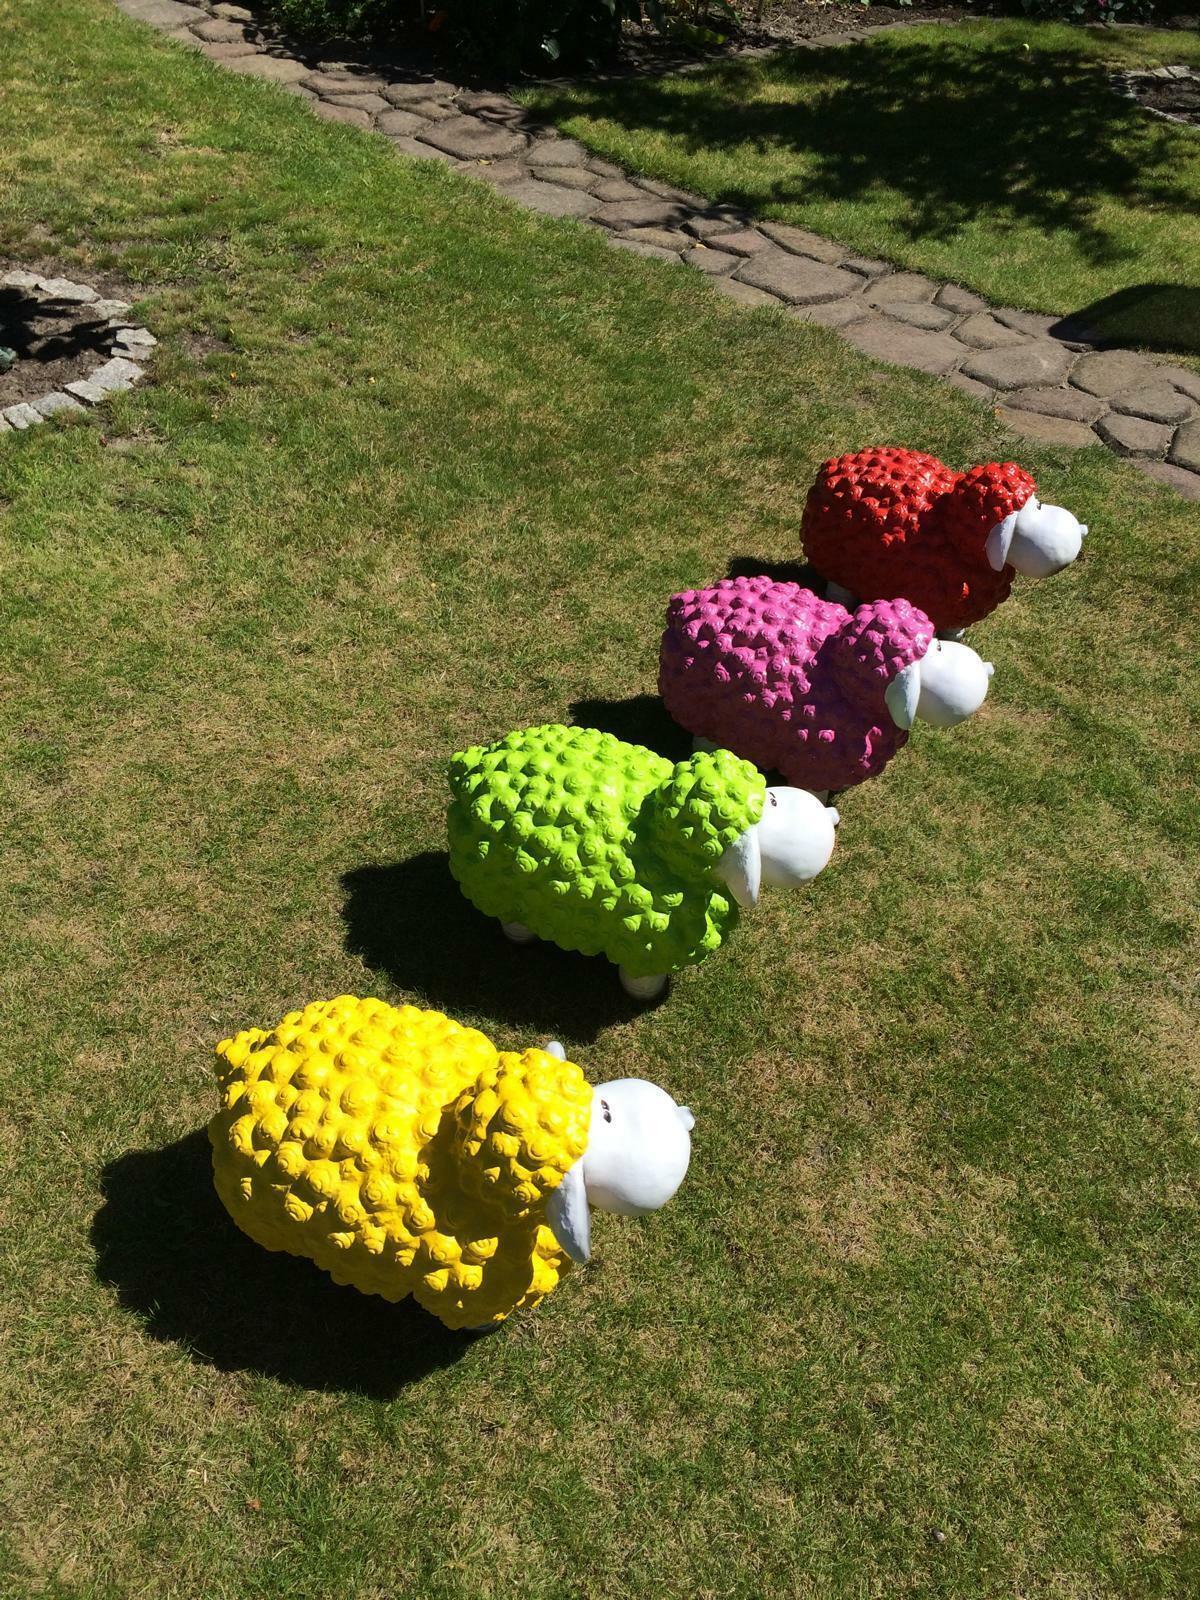 Schaf Schafe Gartendekoration Dekoschaf Witzige Neon Tierfiguren Gartenfigur